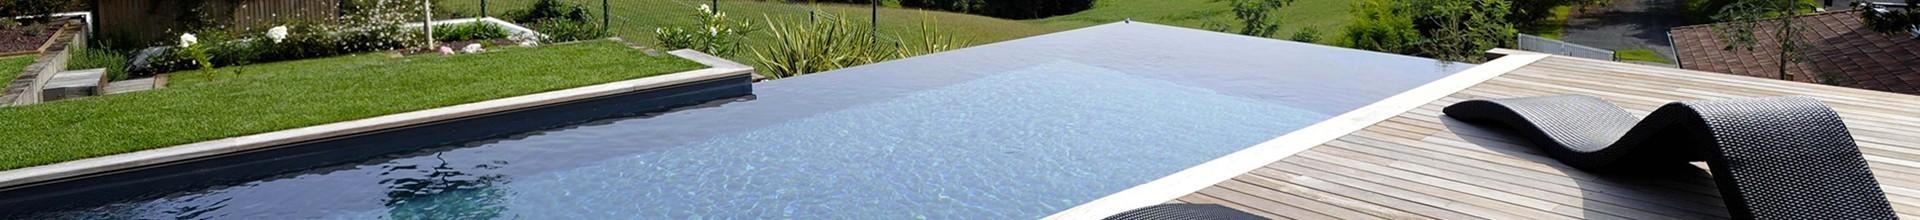 Luxembourg conception conteneur piscine coque sur mesure Echternach